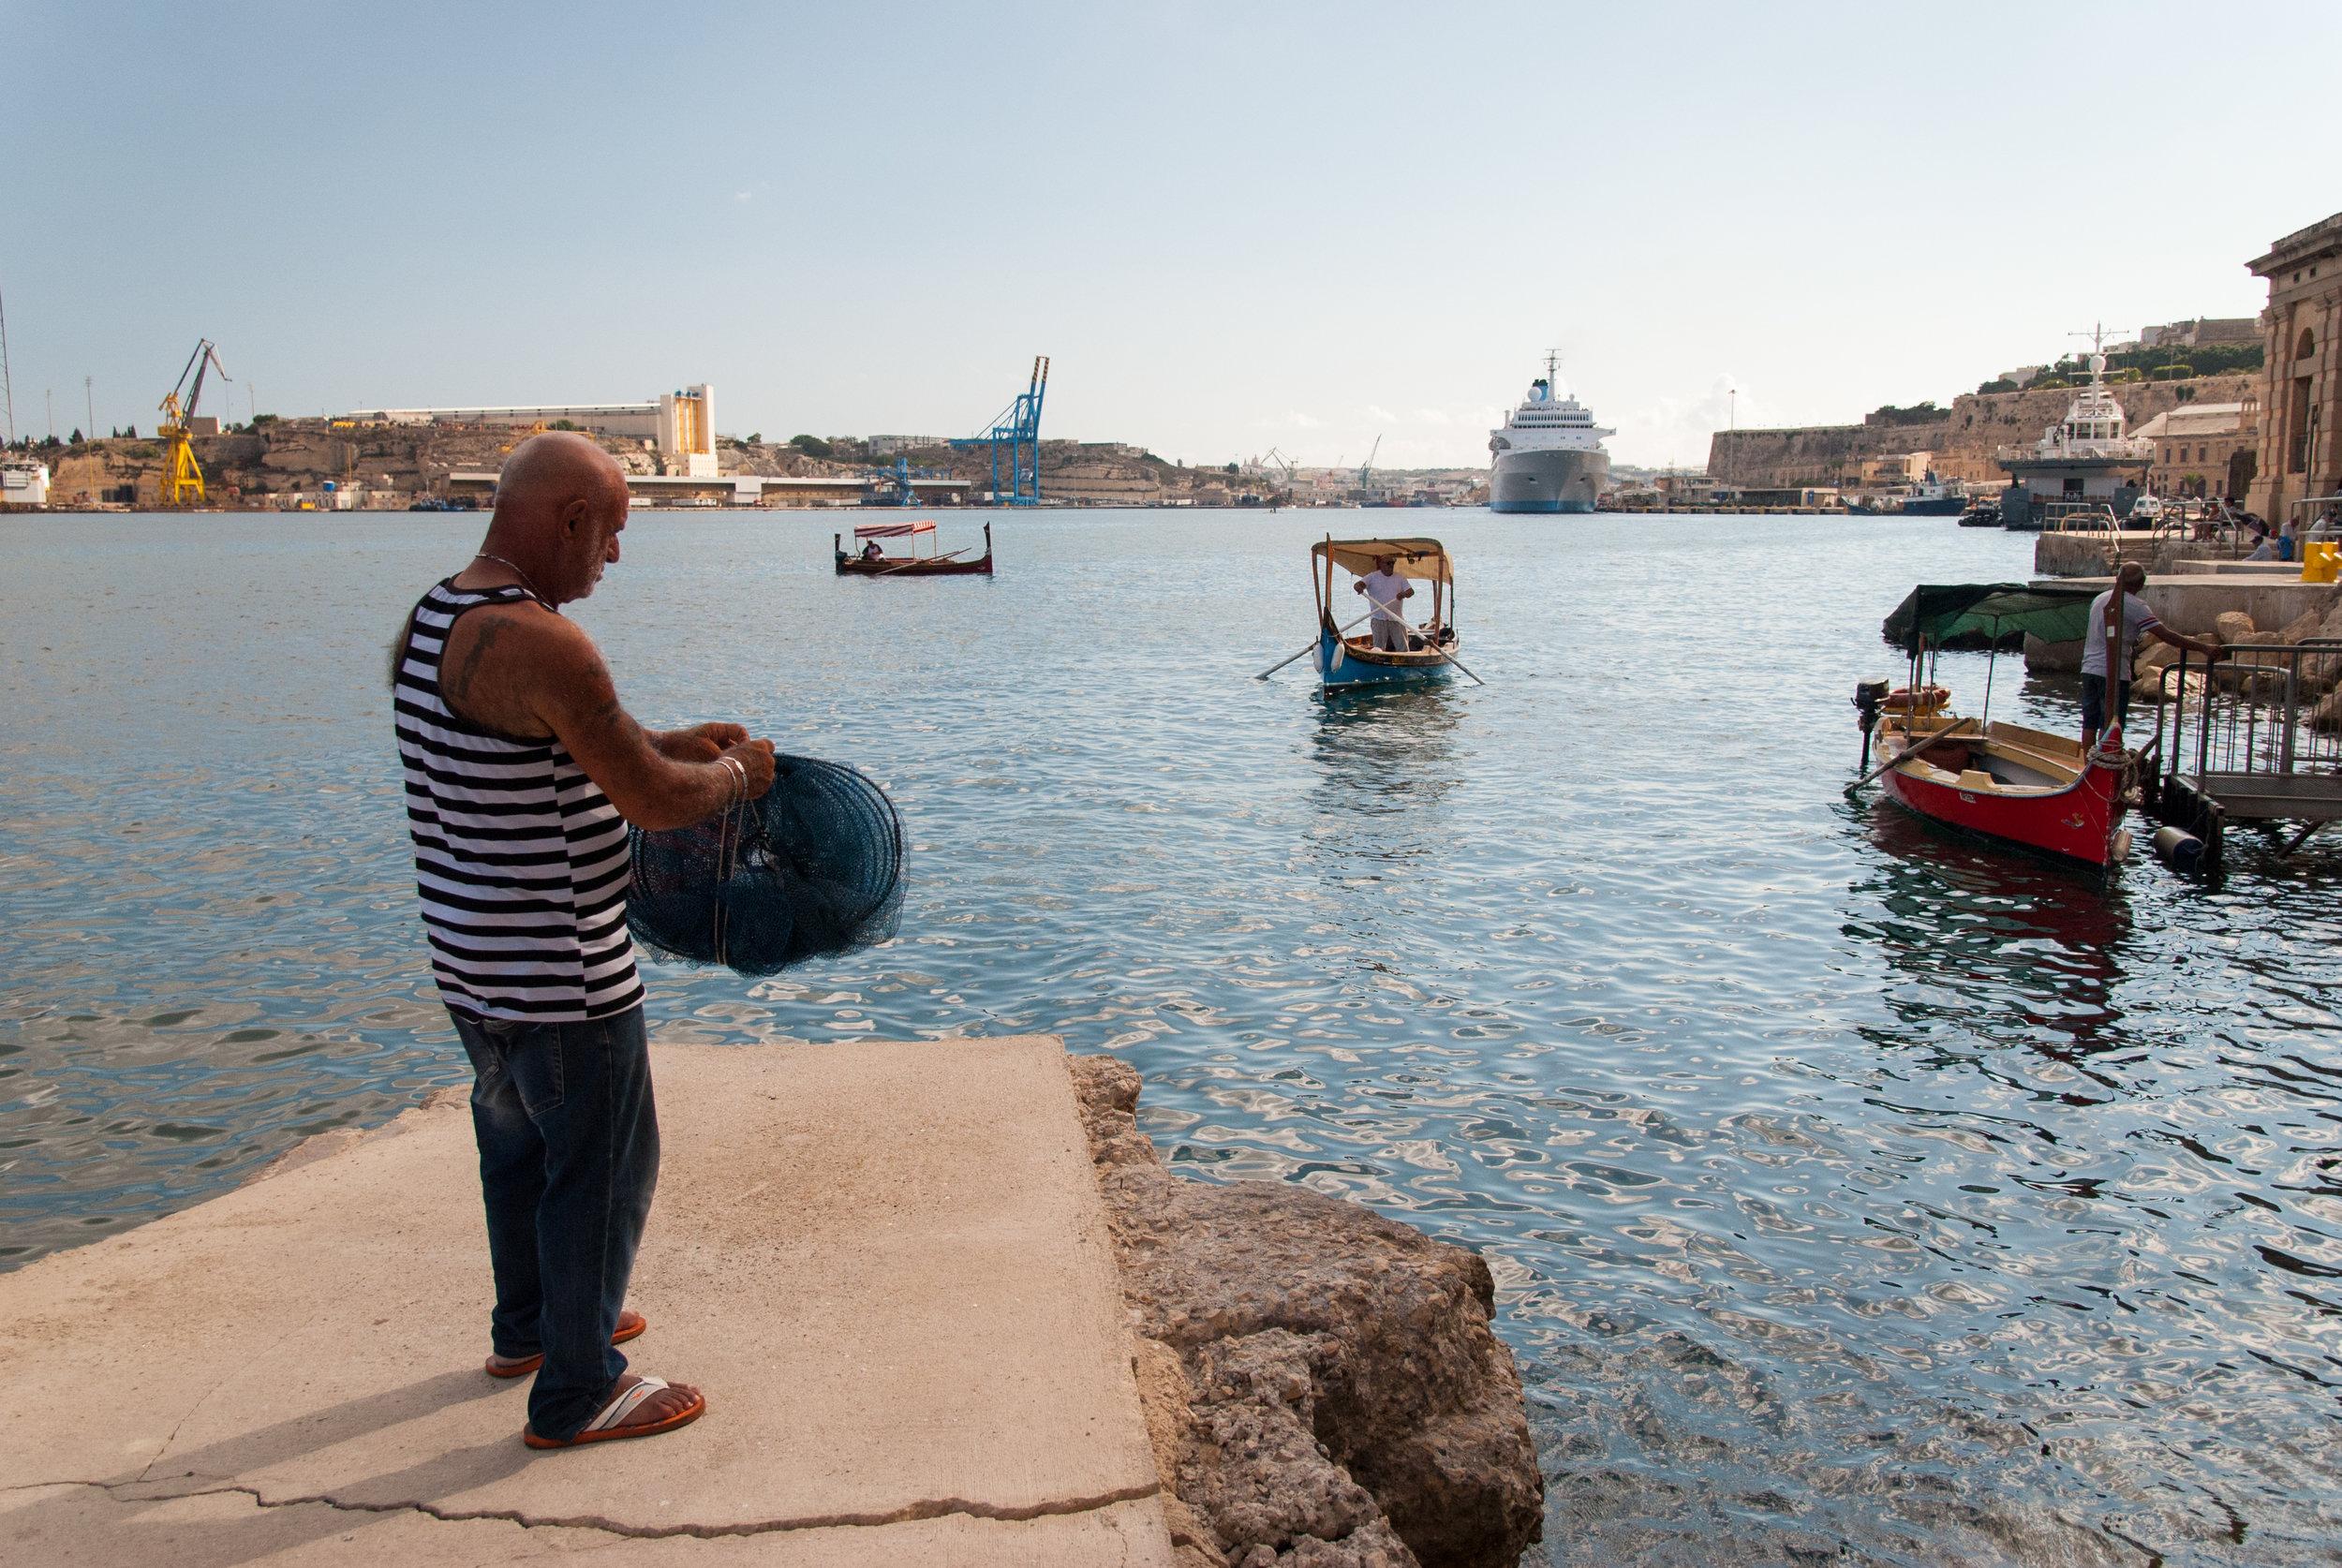 Fisherman in Valletta, Malta